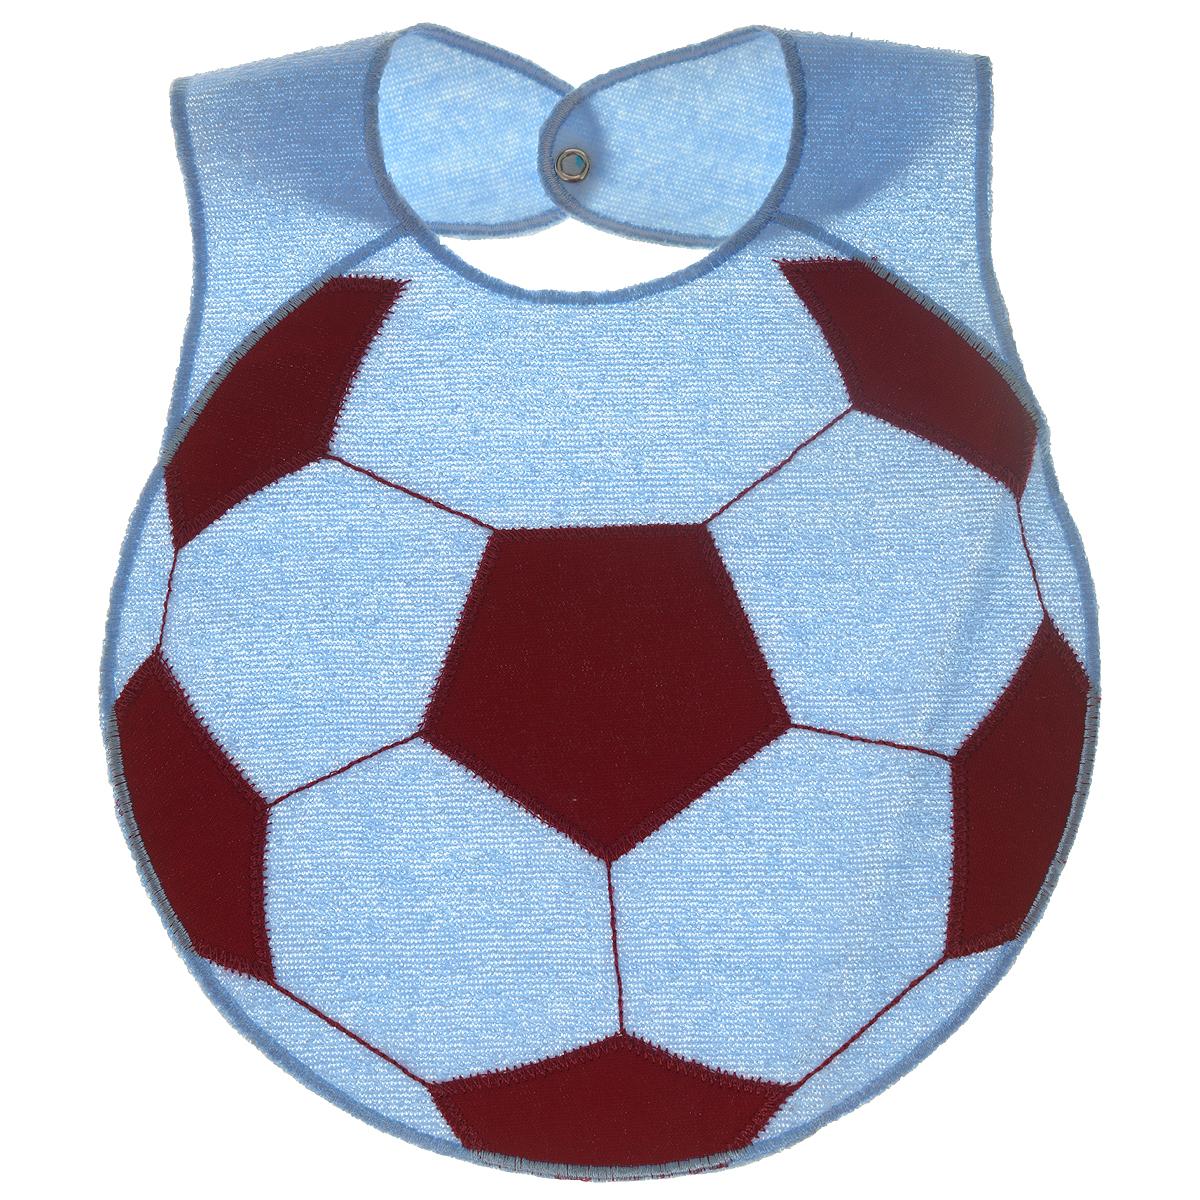 Нагрудник Sevi Baby Футбольный мяч, цвет: голубой, бордовый582 sevi babyНагрудник Sevi Baby на кнопке Футбольный мяч - предмет первой необходимости для полноценной заботы о вашем ребенке. Нагрудник с застежкой на кнопке выполнен из качественного полиэстера. Детский слюнявчик оформленный принтом в виде футбольного мяча, обладает прочной непромокаемой подкладкой, которая поможет вам и вашему малышу не запачкать одежду. Sevi Baby - это одежда для самых маленьких, созданная с пониманием и заботой о комфорте и здоровье ребенка!